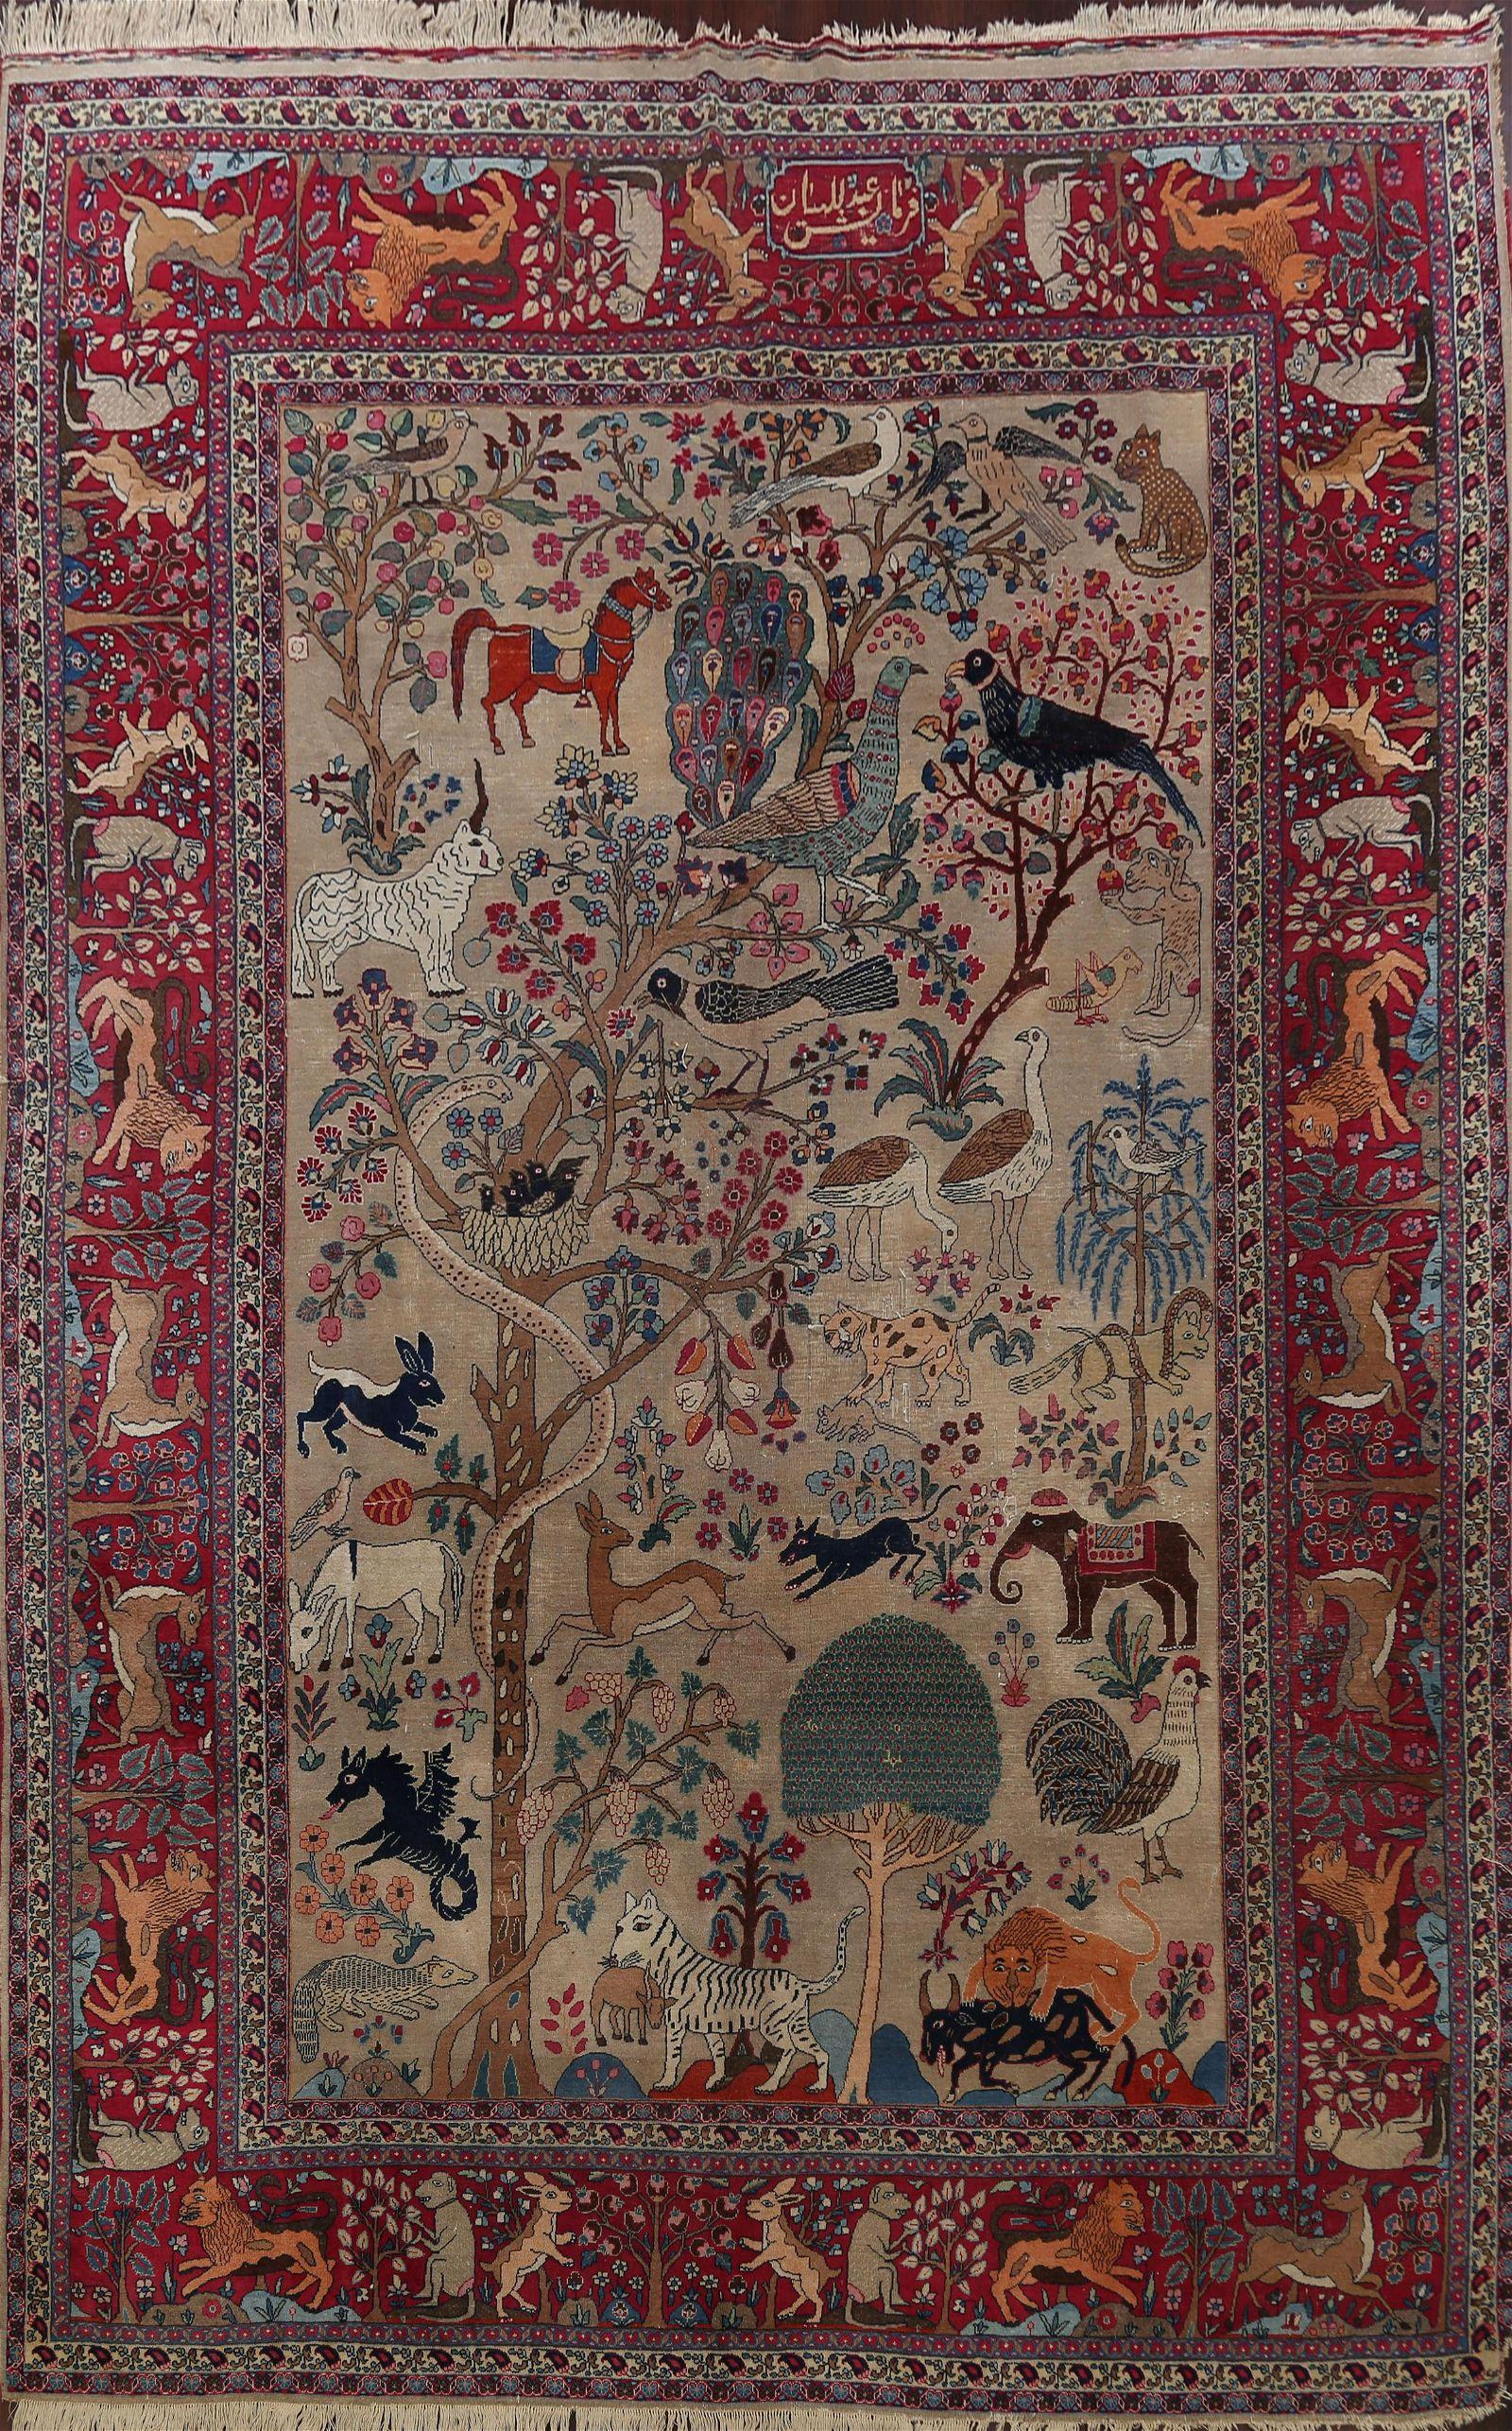 Pre-1900 Antique Pictorial Tabriz Persian Area Rug